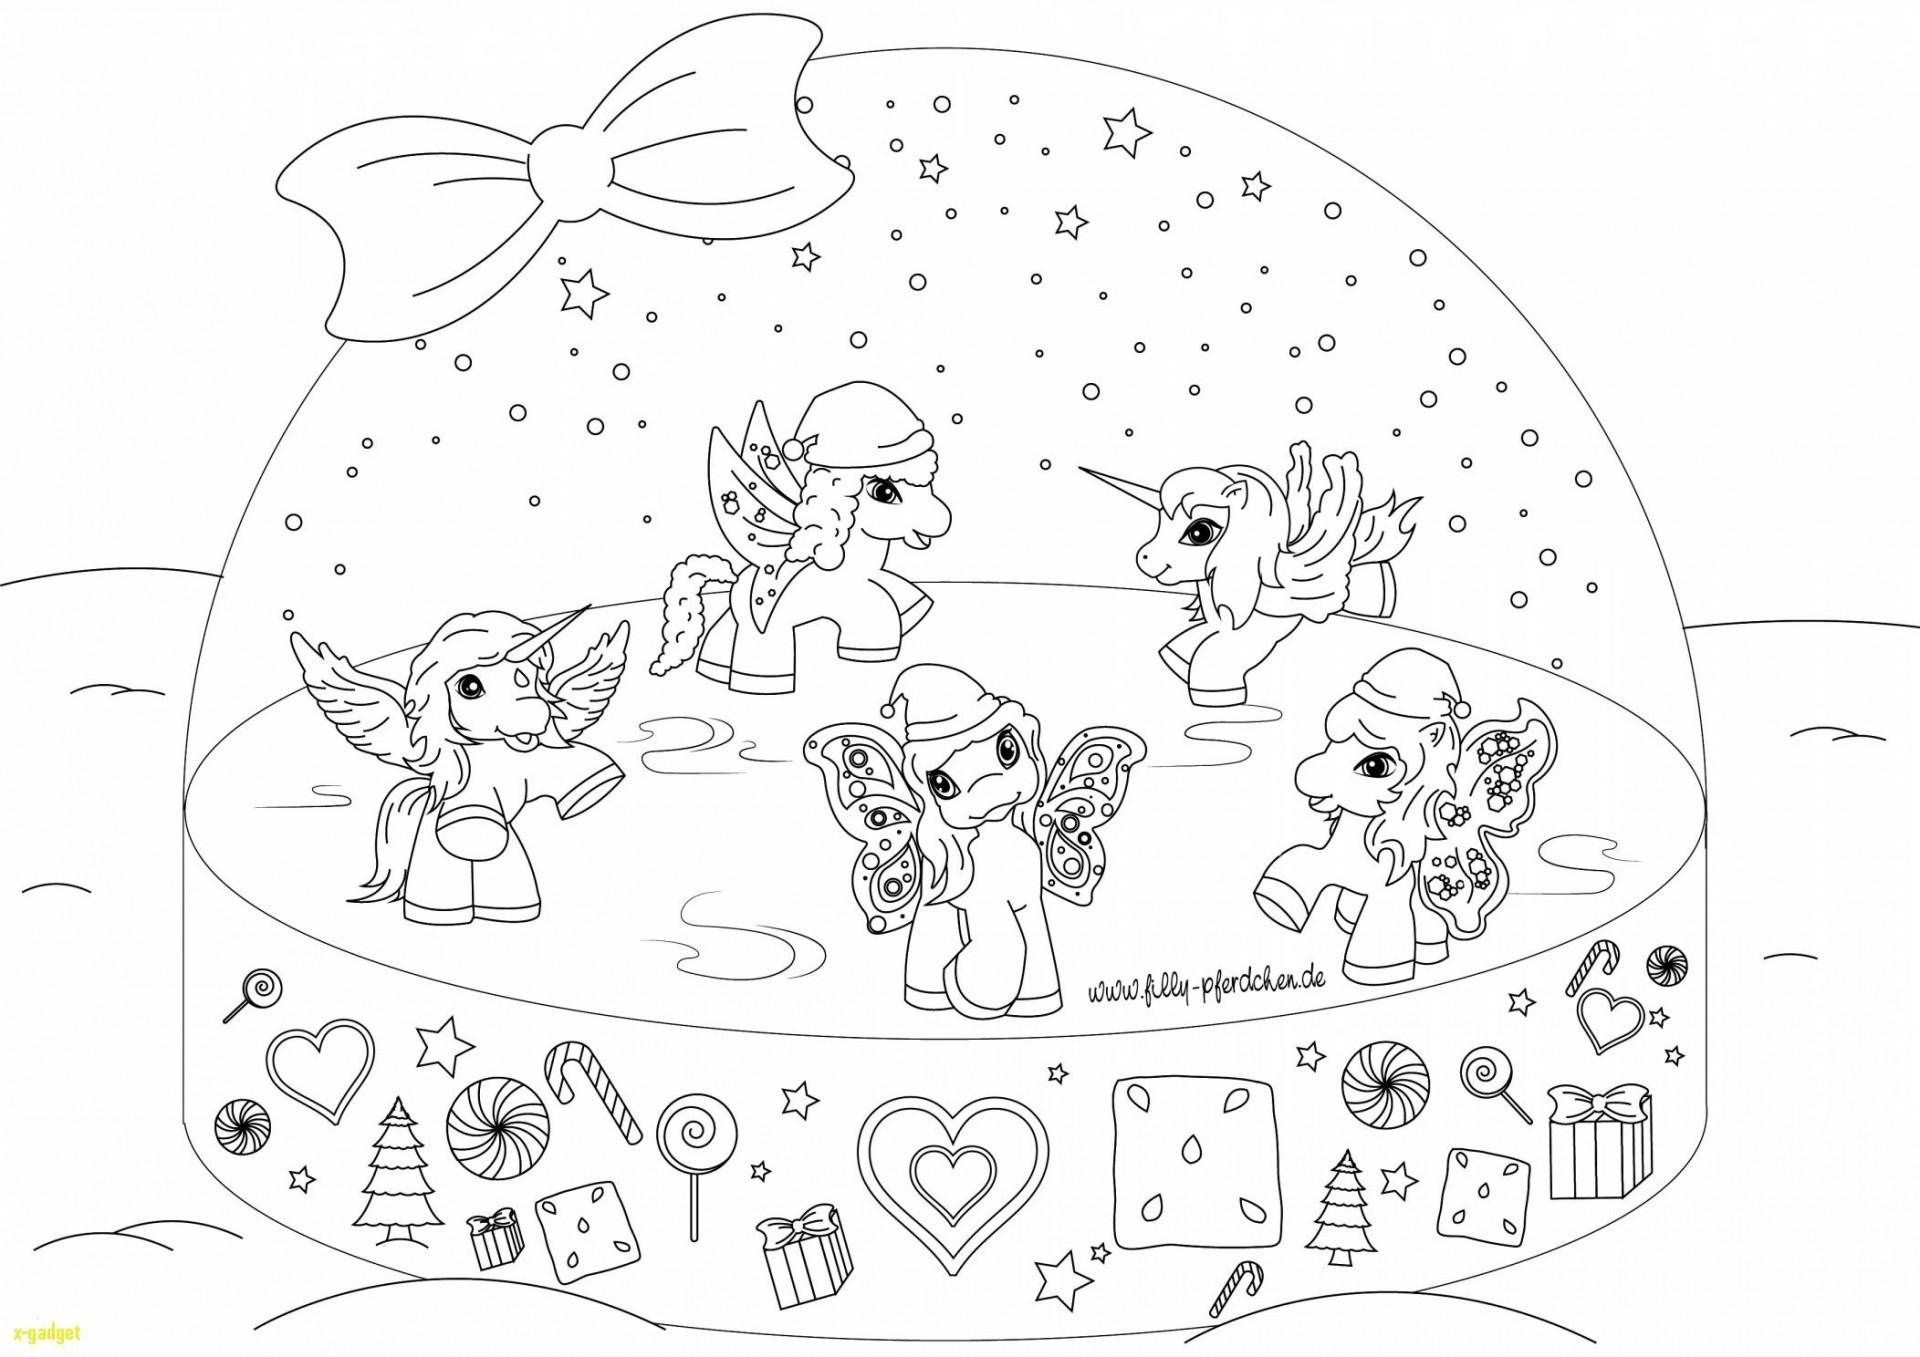 Ausmalbilder Für Kleinkinder Weihnachten Das Beste Von Bild Für Kinder Clown Kopf Clipart 9 Inadinaofset Bild